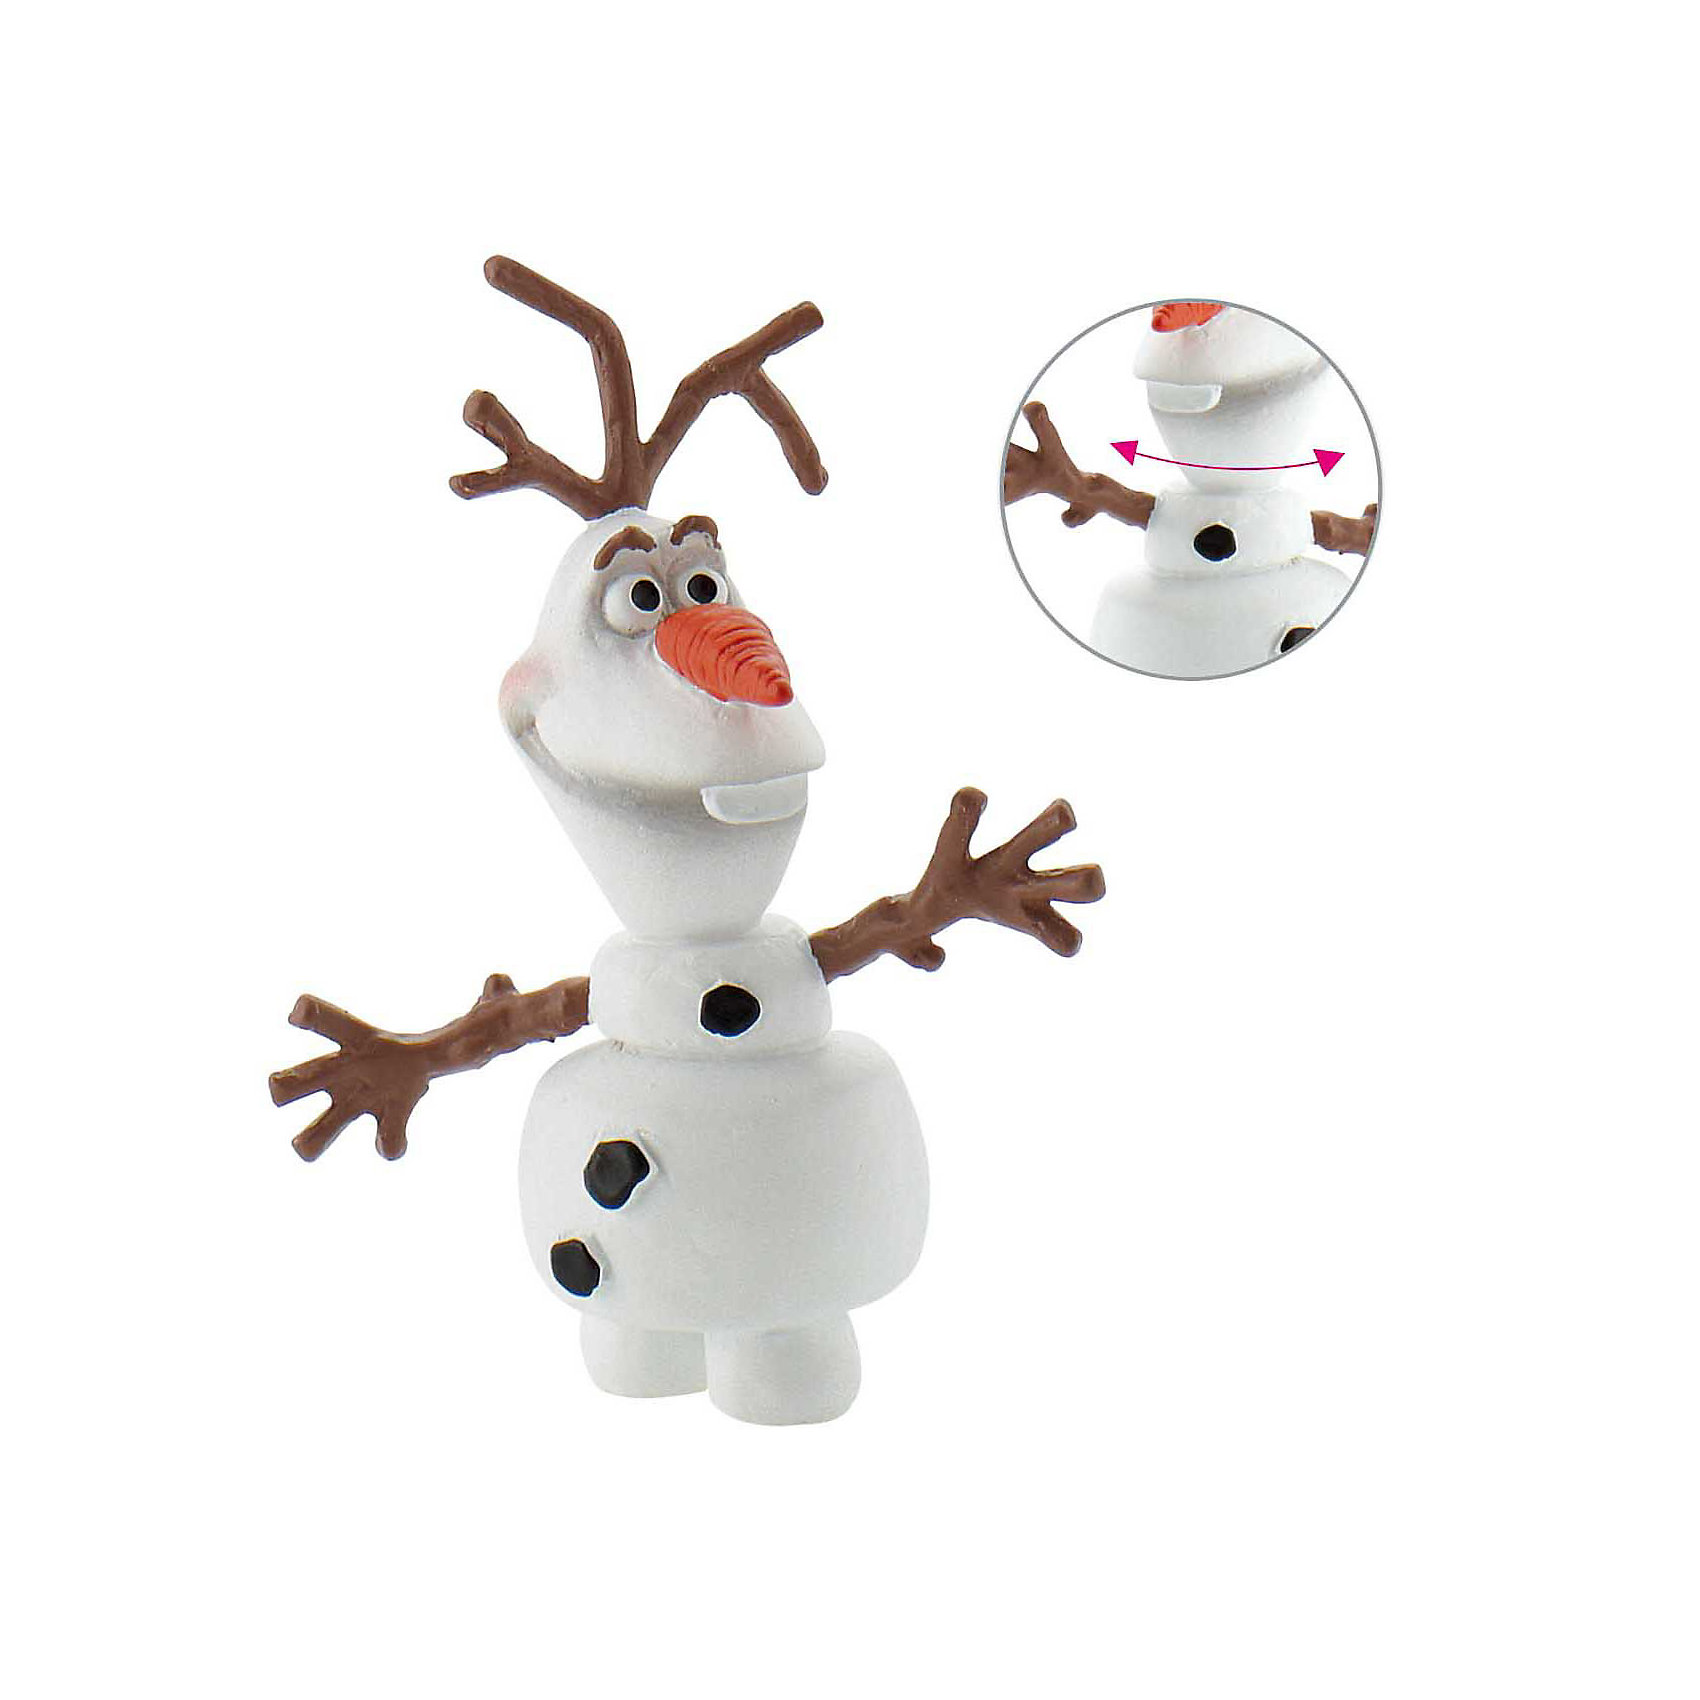 Фигурка Олаф,  DisneyФигурки из мультфильмов<br>Симпатичный снеговик Олаф – герой мультфильма «Холодное сердце». И мальчики, и девочки любят этого зимнего персонажа, который мечтает однажды встретить лето. <br>Забавная фигурка снеговика выглядит как на киноэкране. Голова героя поворачивается в разные стороны. Игрушка изготовлена из термопластичного каучука – безопасного материала нового поколения, который использует Bullyland (Германия) для своих игрушек. Фигурки Bullyland выпускаются более 40 лет и заслужили награду Spiel Gut, присуждаемую комитетом учителей и врачей.<br>Соберите всех персонажей Холодного сердца в своей личной коллекции фигурок! <br><br>Дополнительная информация:<br><br>Высота фигурки: 4,5 см.<br><br>Фигурку Олаф,  Disney можно купить в нашем магазине.<br><br>Ширина мм: 82<br>Глубина мм: 27<br>Высота мм: 22<br>Вес г: 1<br>Возраст от месяцев: 36<br>Возраст до месяцев: 96<br>Пол: Женский<br>Возраст: Детский<br>SKU: 3383419